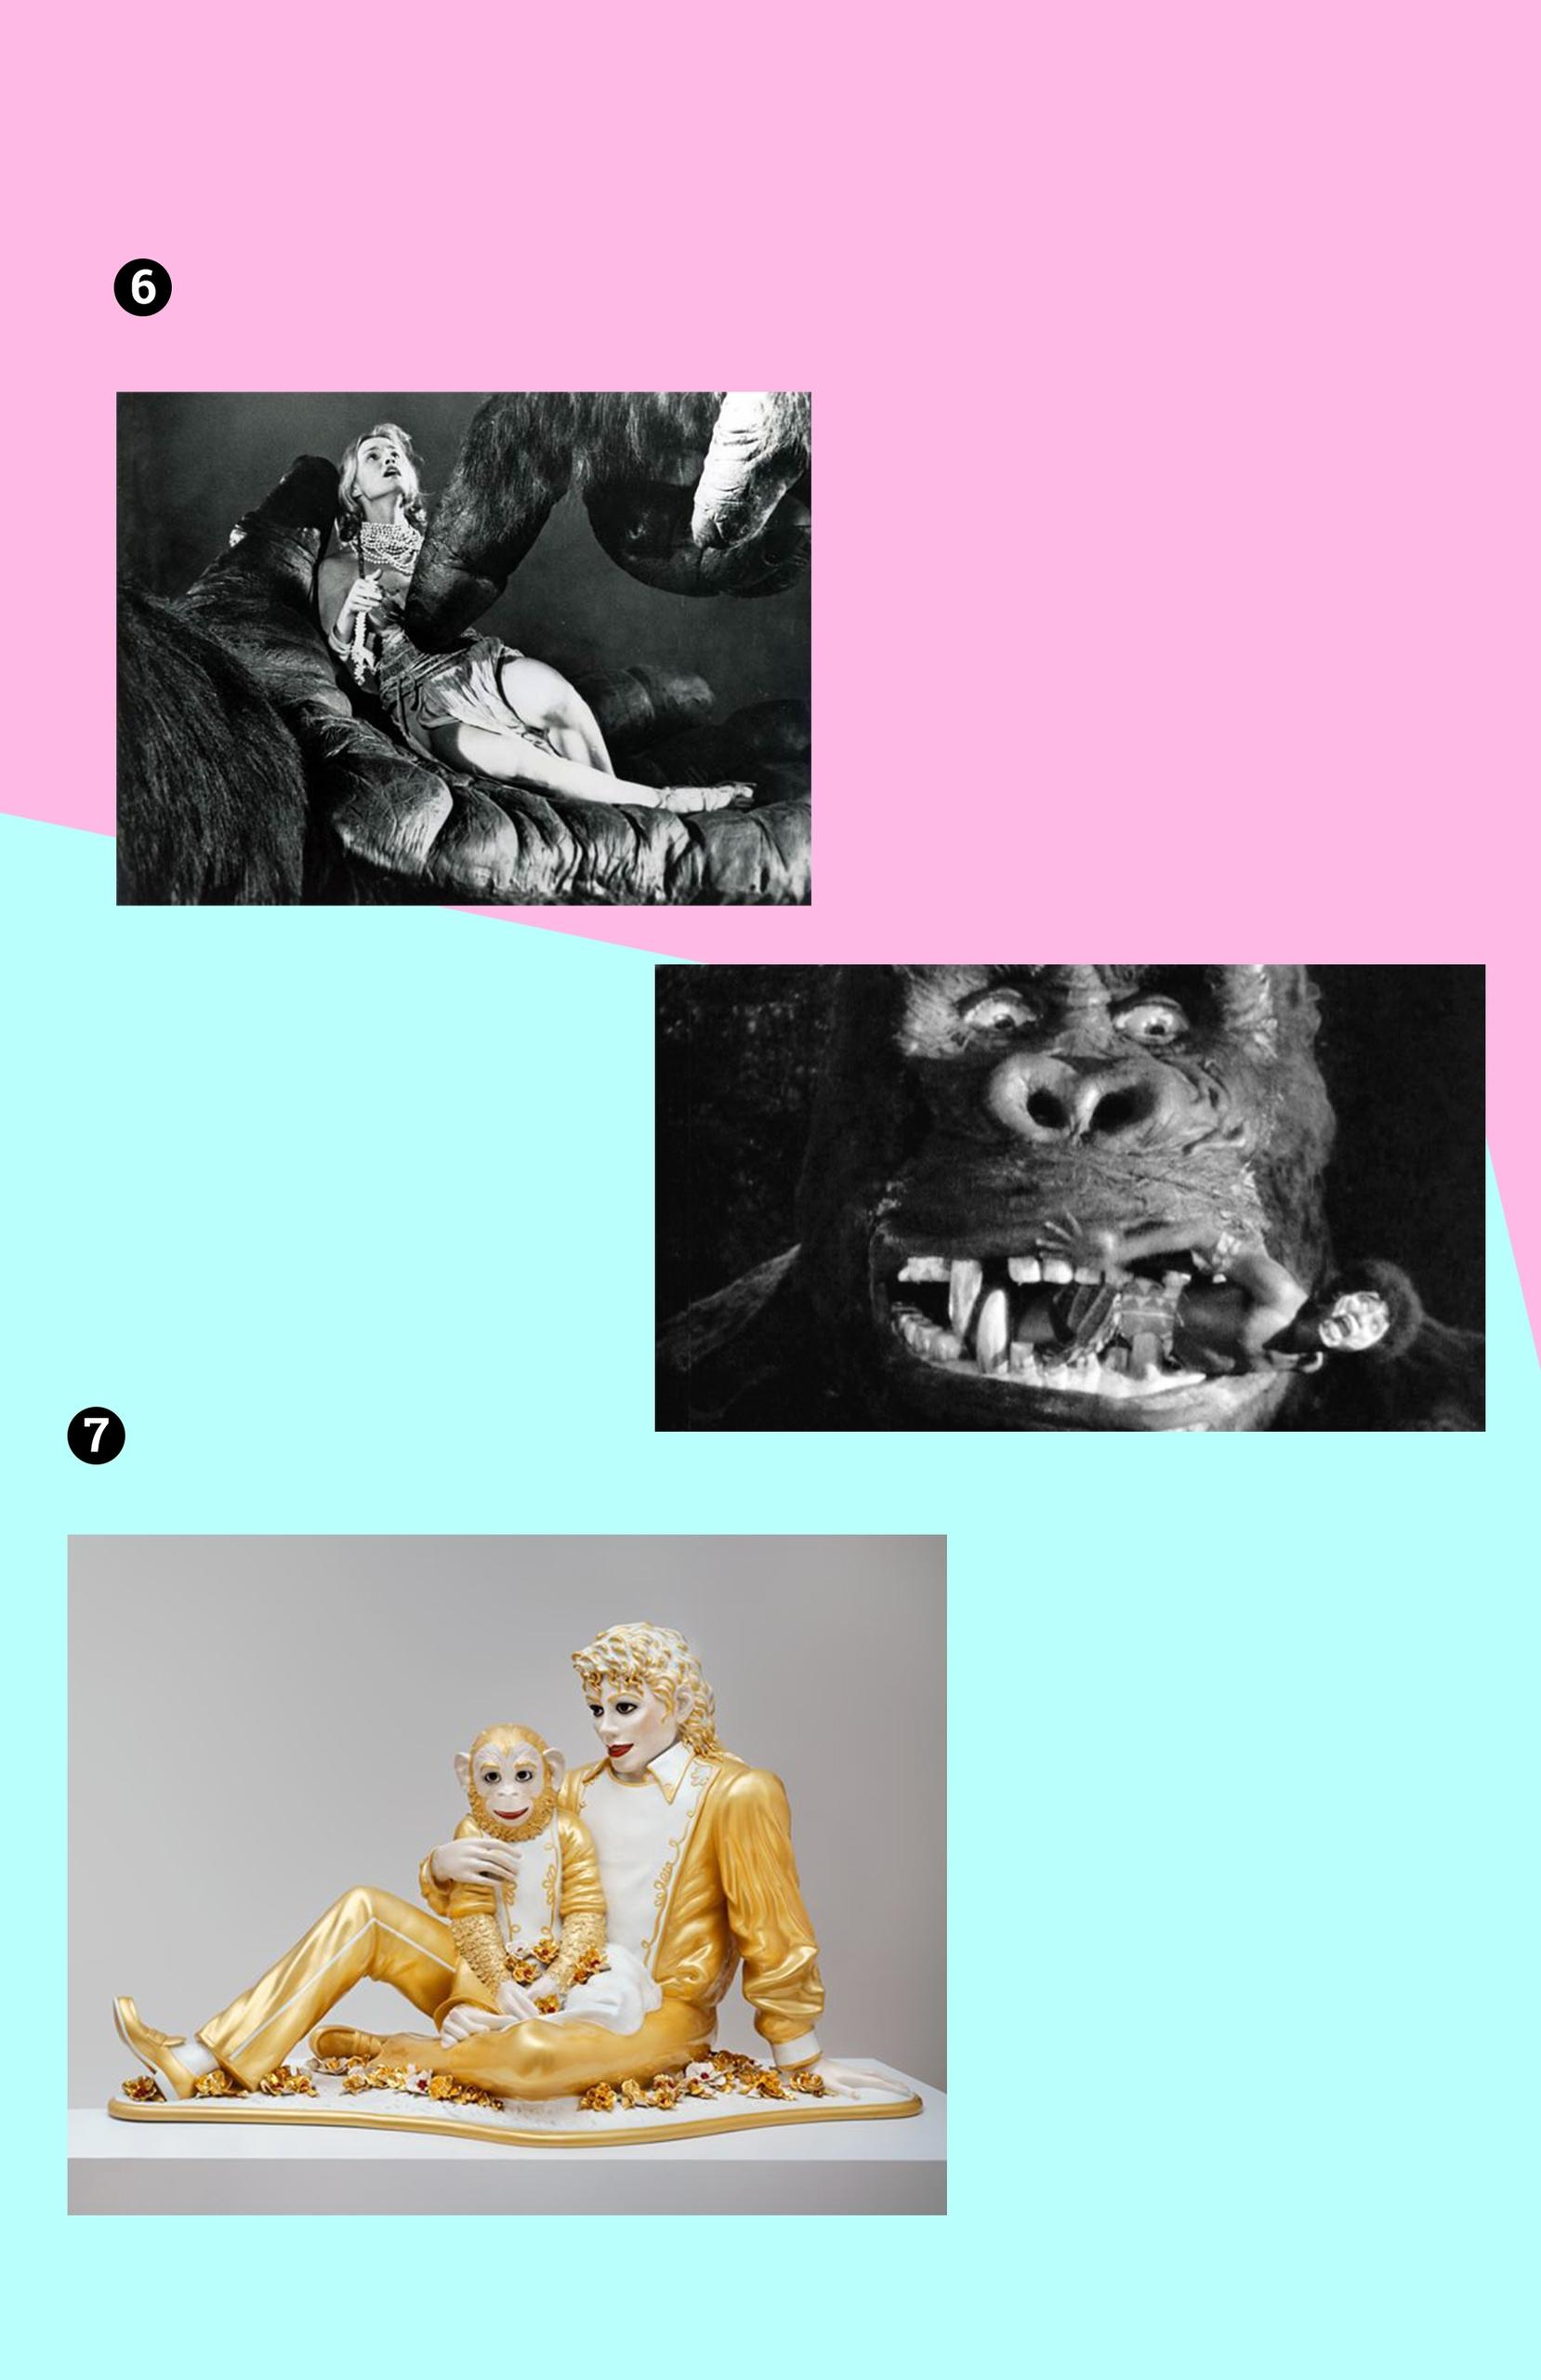 Obraz przedstawia trzy fotografie na różowo-niebieskim tle. Widzimy rzeźbę znanego artysty, oraz czarno-białe kadry z filmu.